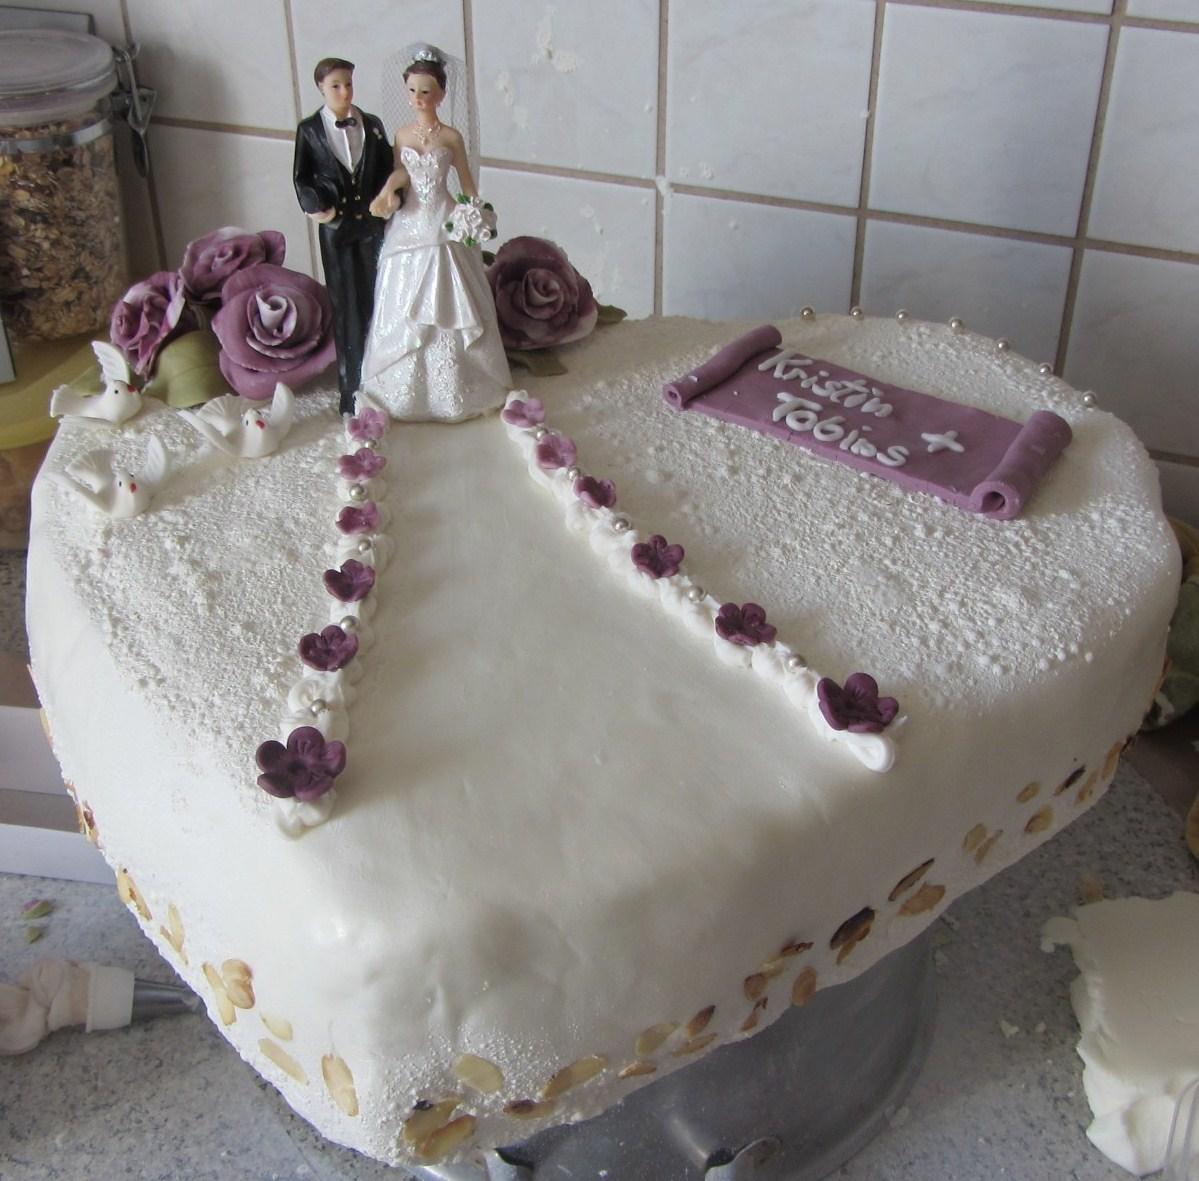 Meine erste Hochzeitstorte... ein großes Herz... :-D